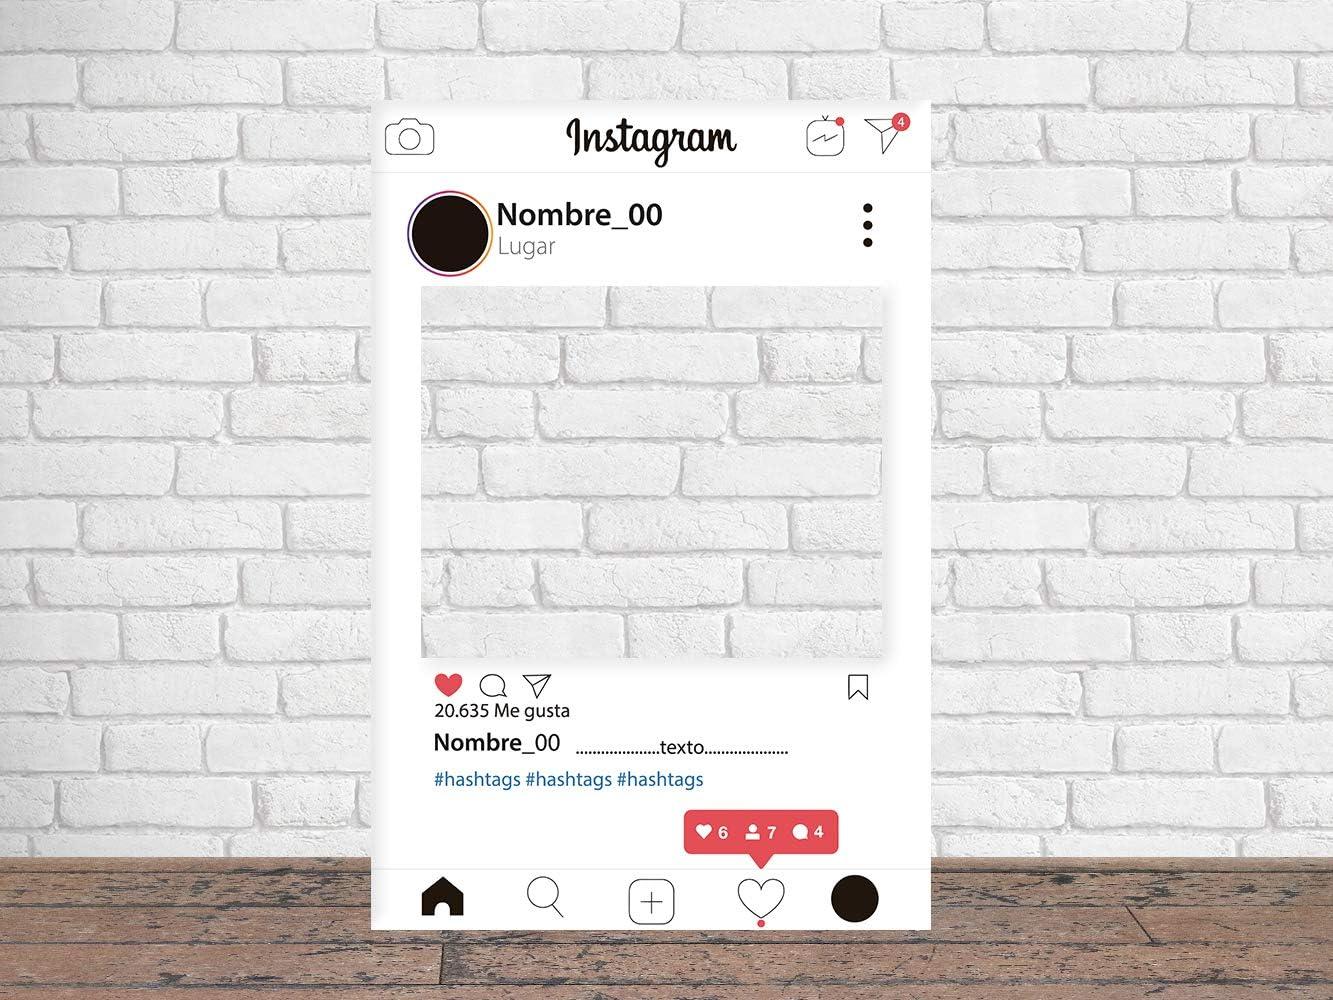 Photocall Instagram 2019 80 x 100 cm   Regalos para Cumpleaños   Photocall Económico y Original   Ideas para Regalos   Regalos Personalizados de Cumpleaños  